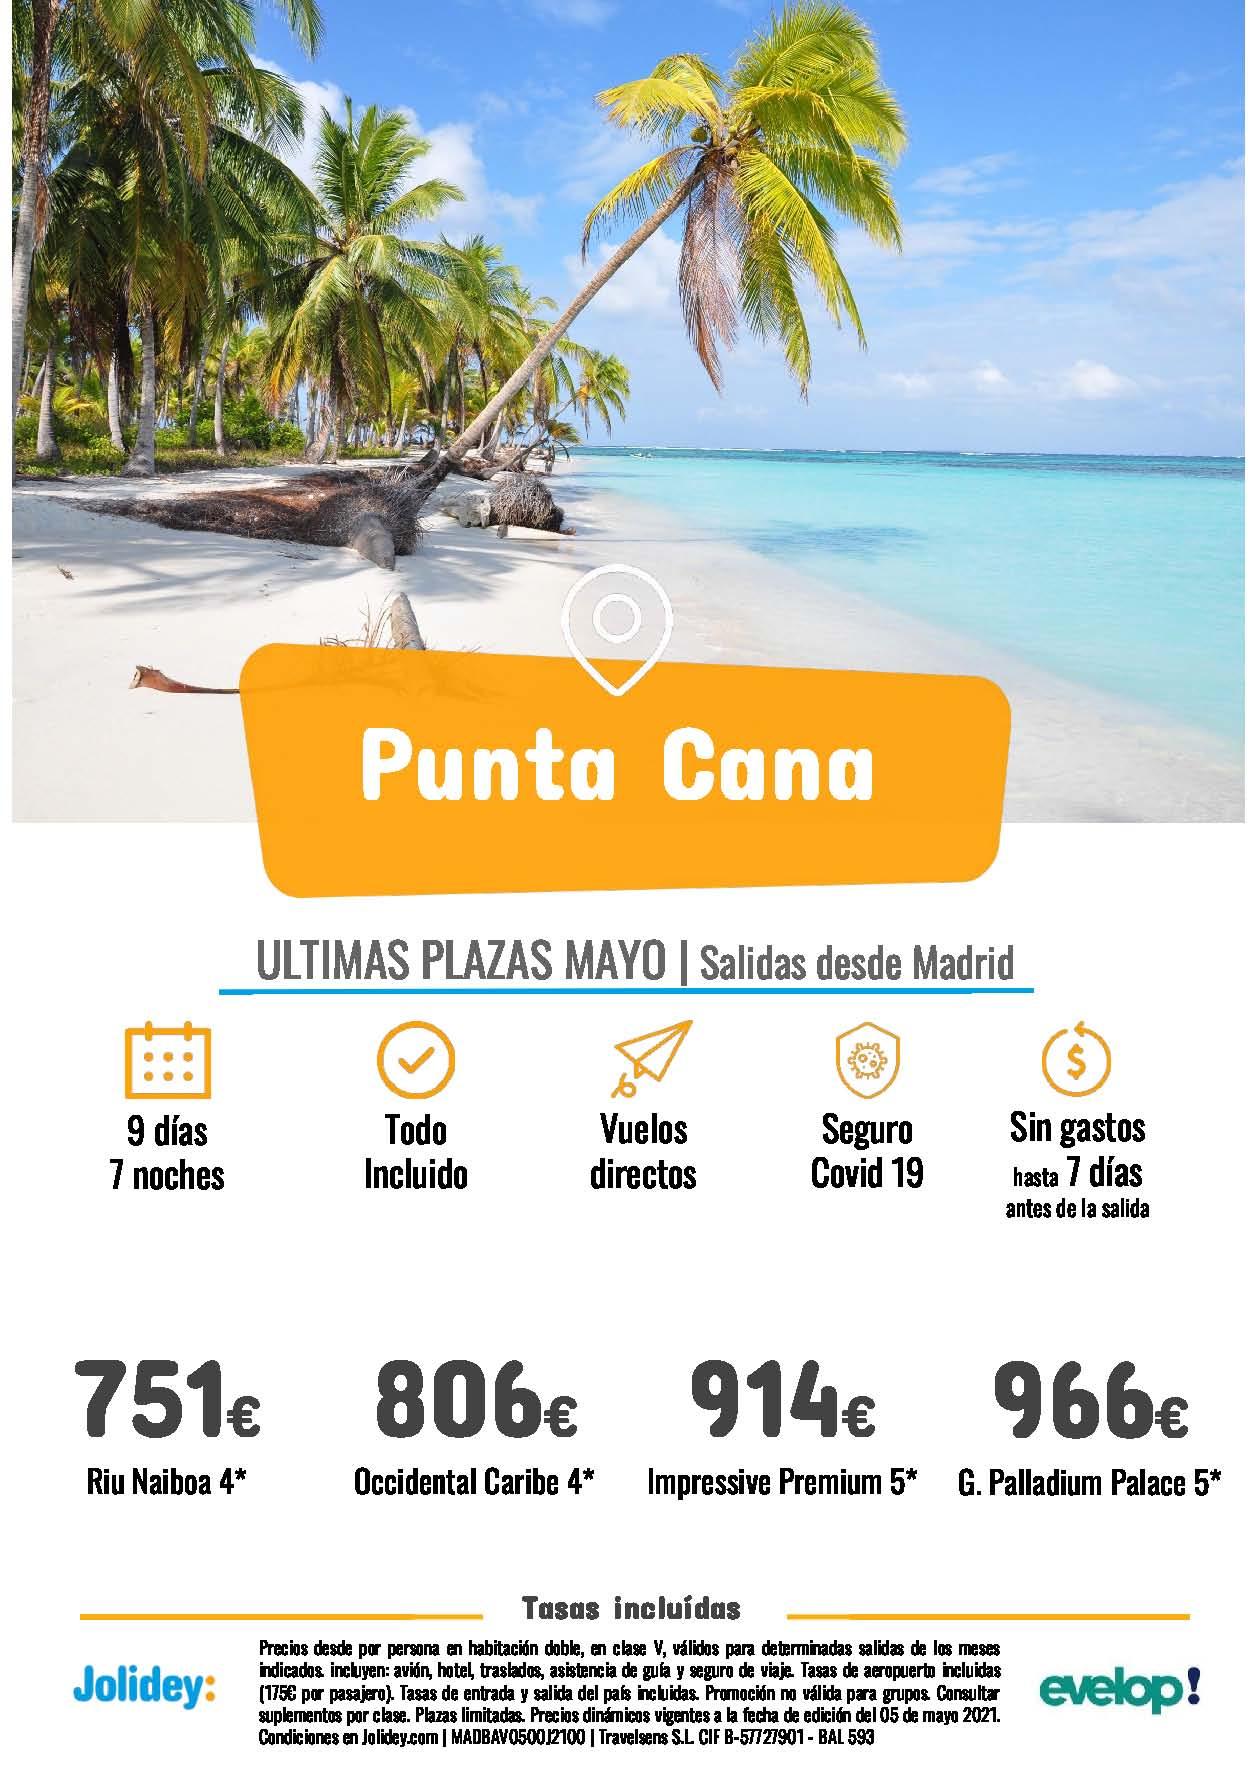 Ofertas Jolidey Ultima Hora Punta Cana Mayo 2021 vuelo directo desde Madrid